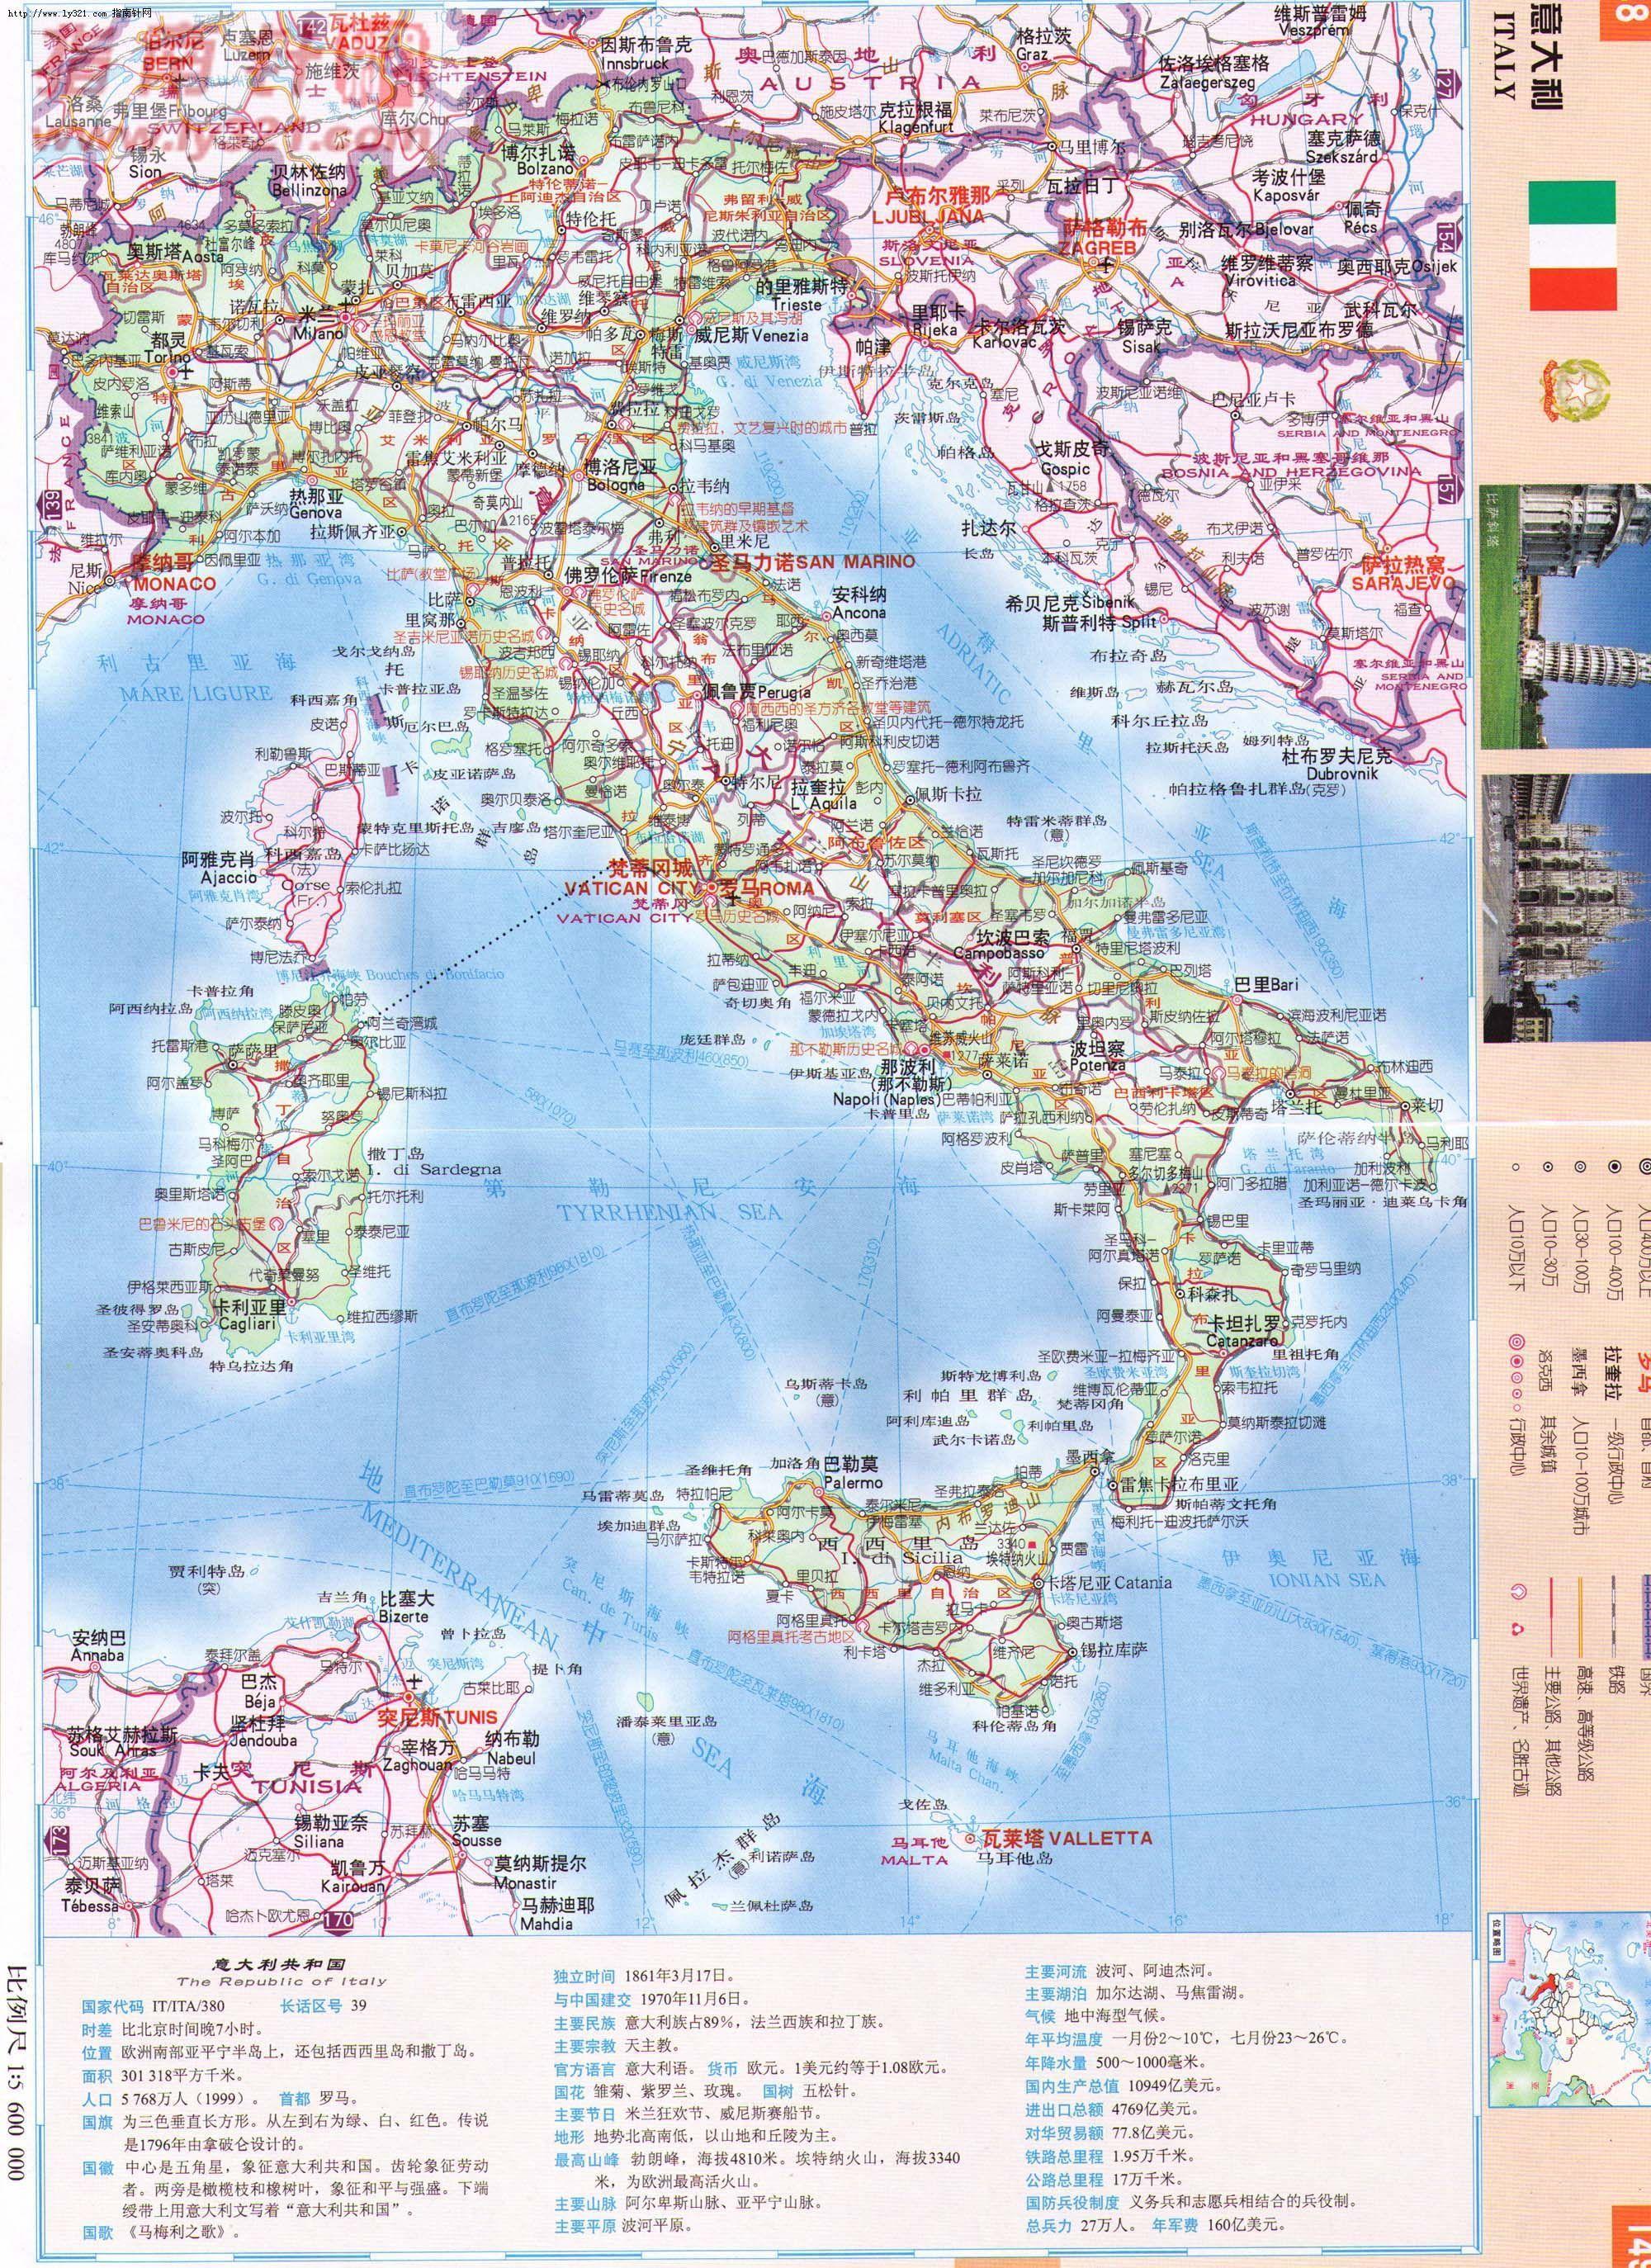 意大利地图高清版